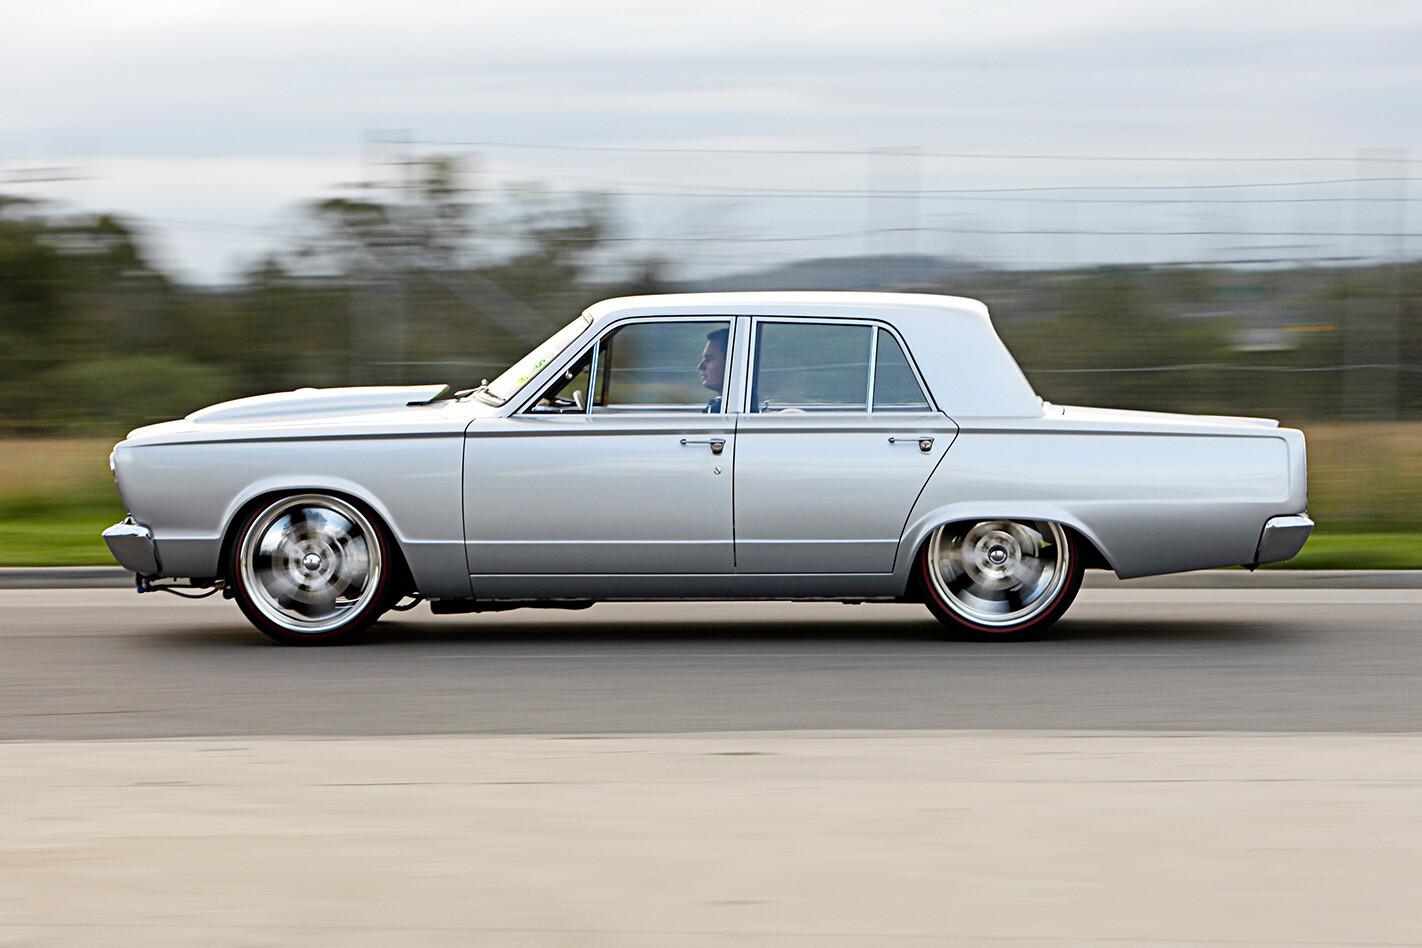 Chrysler VC Valiant side